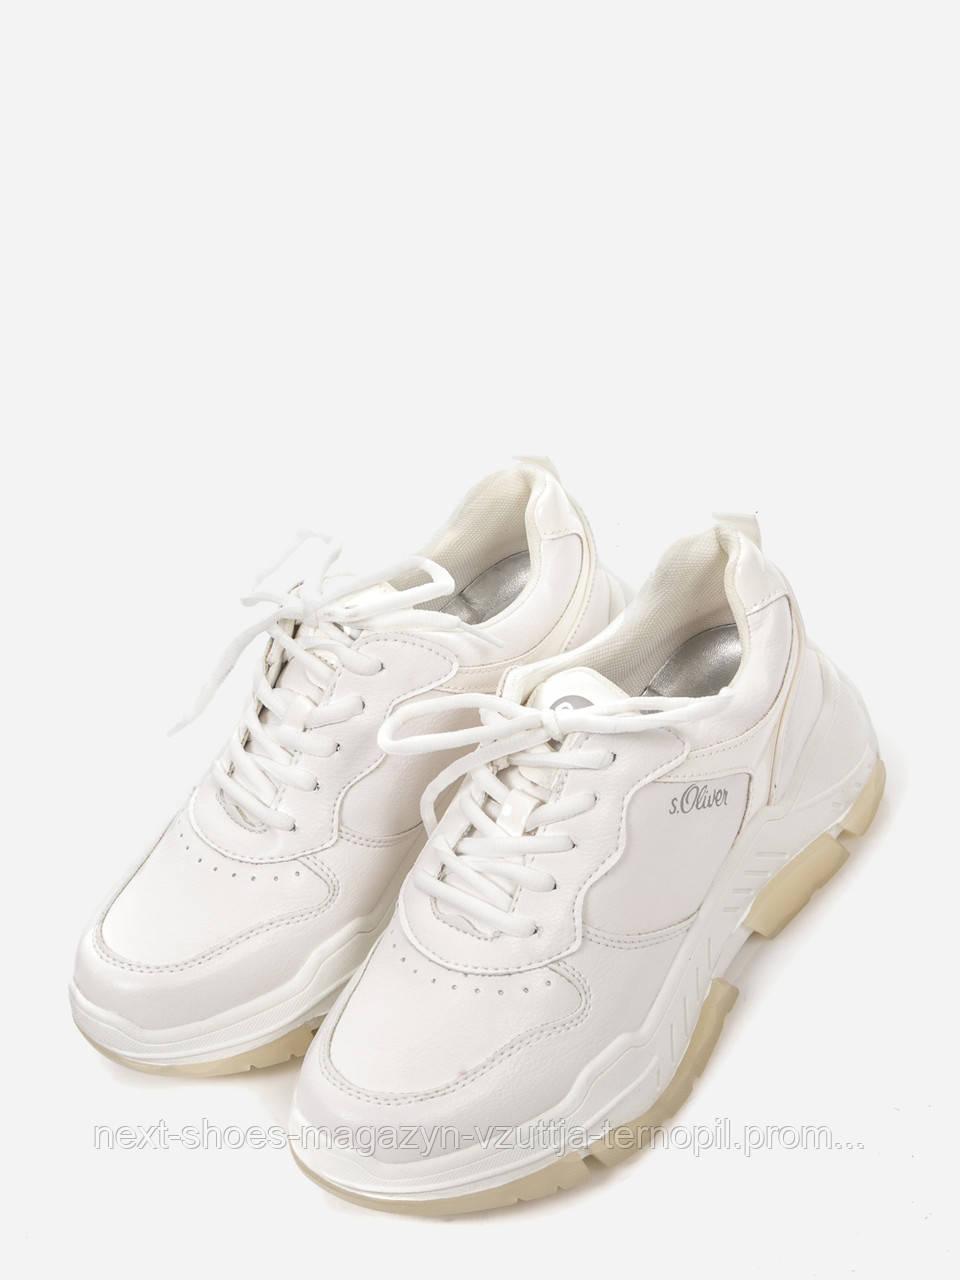 Кросівки s.Oliver Артикул 5-5-23677-24 (білі)